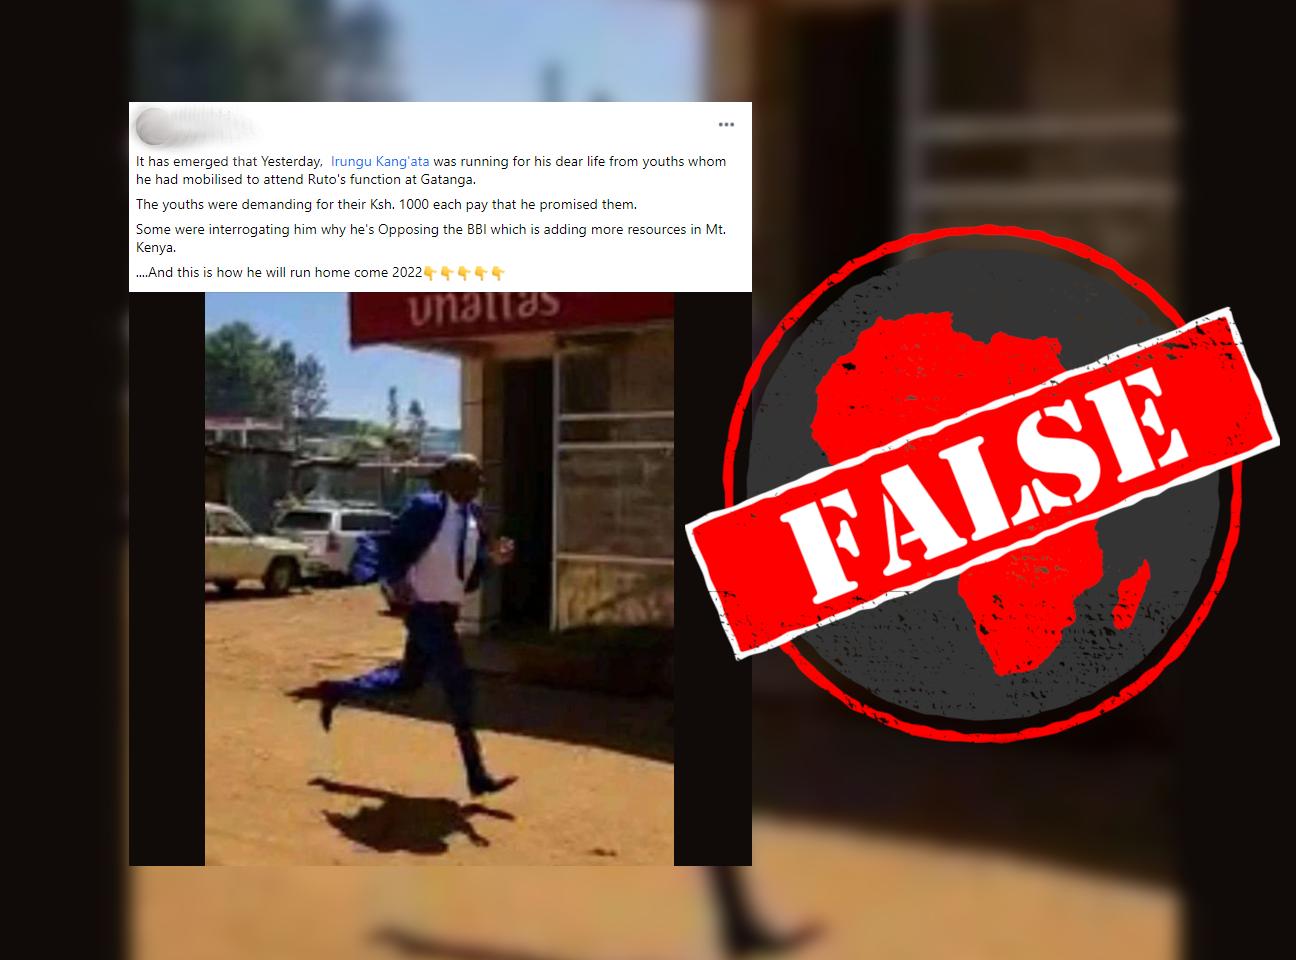 Kangata_False